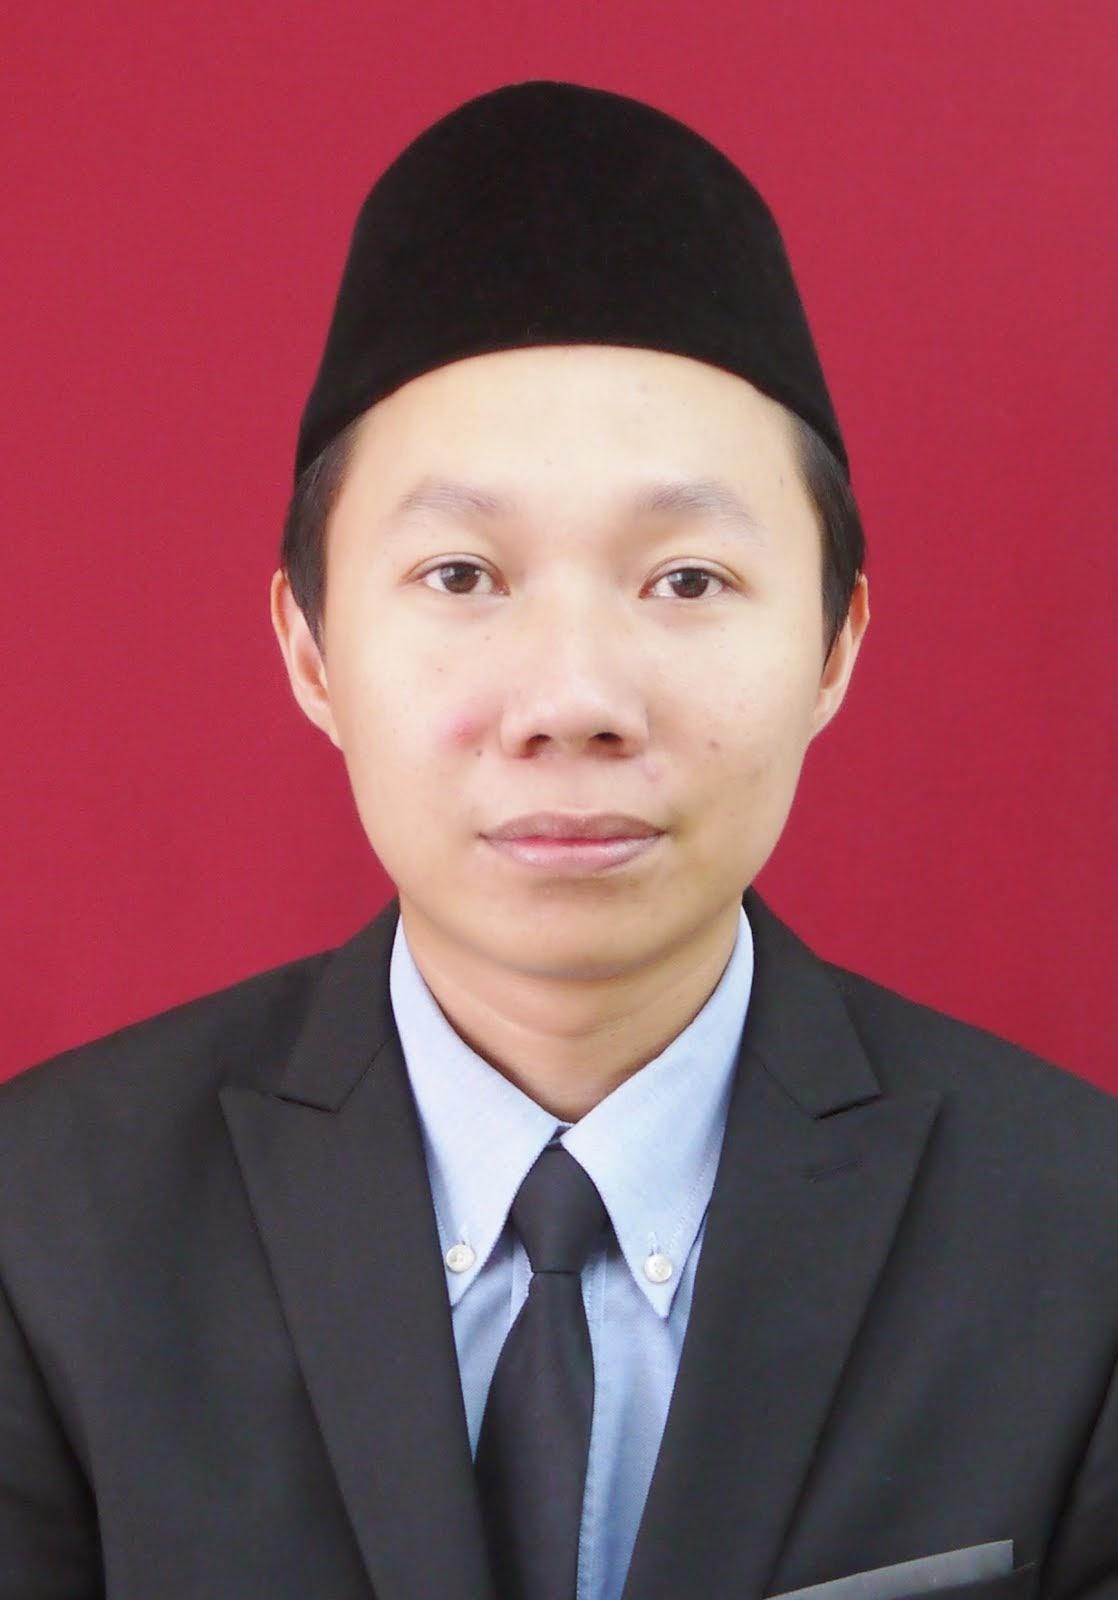 Panitia Pendidikan Agama Islam & J-QAF SK BBM: Doa Sebelum ...